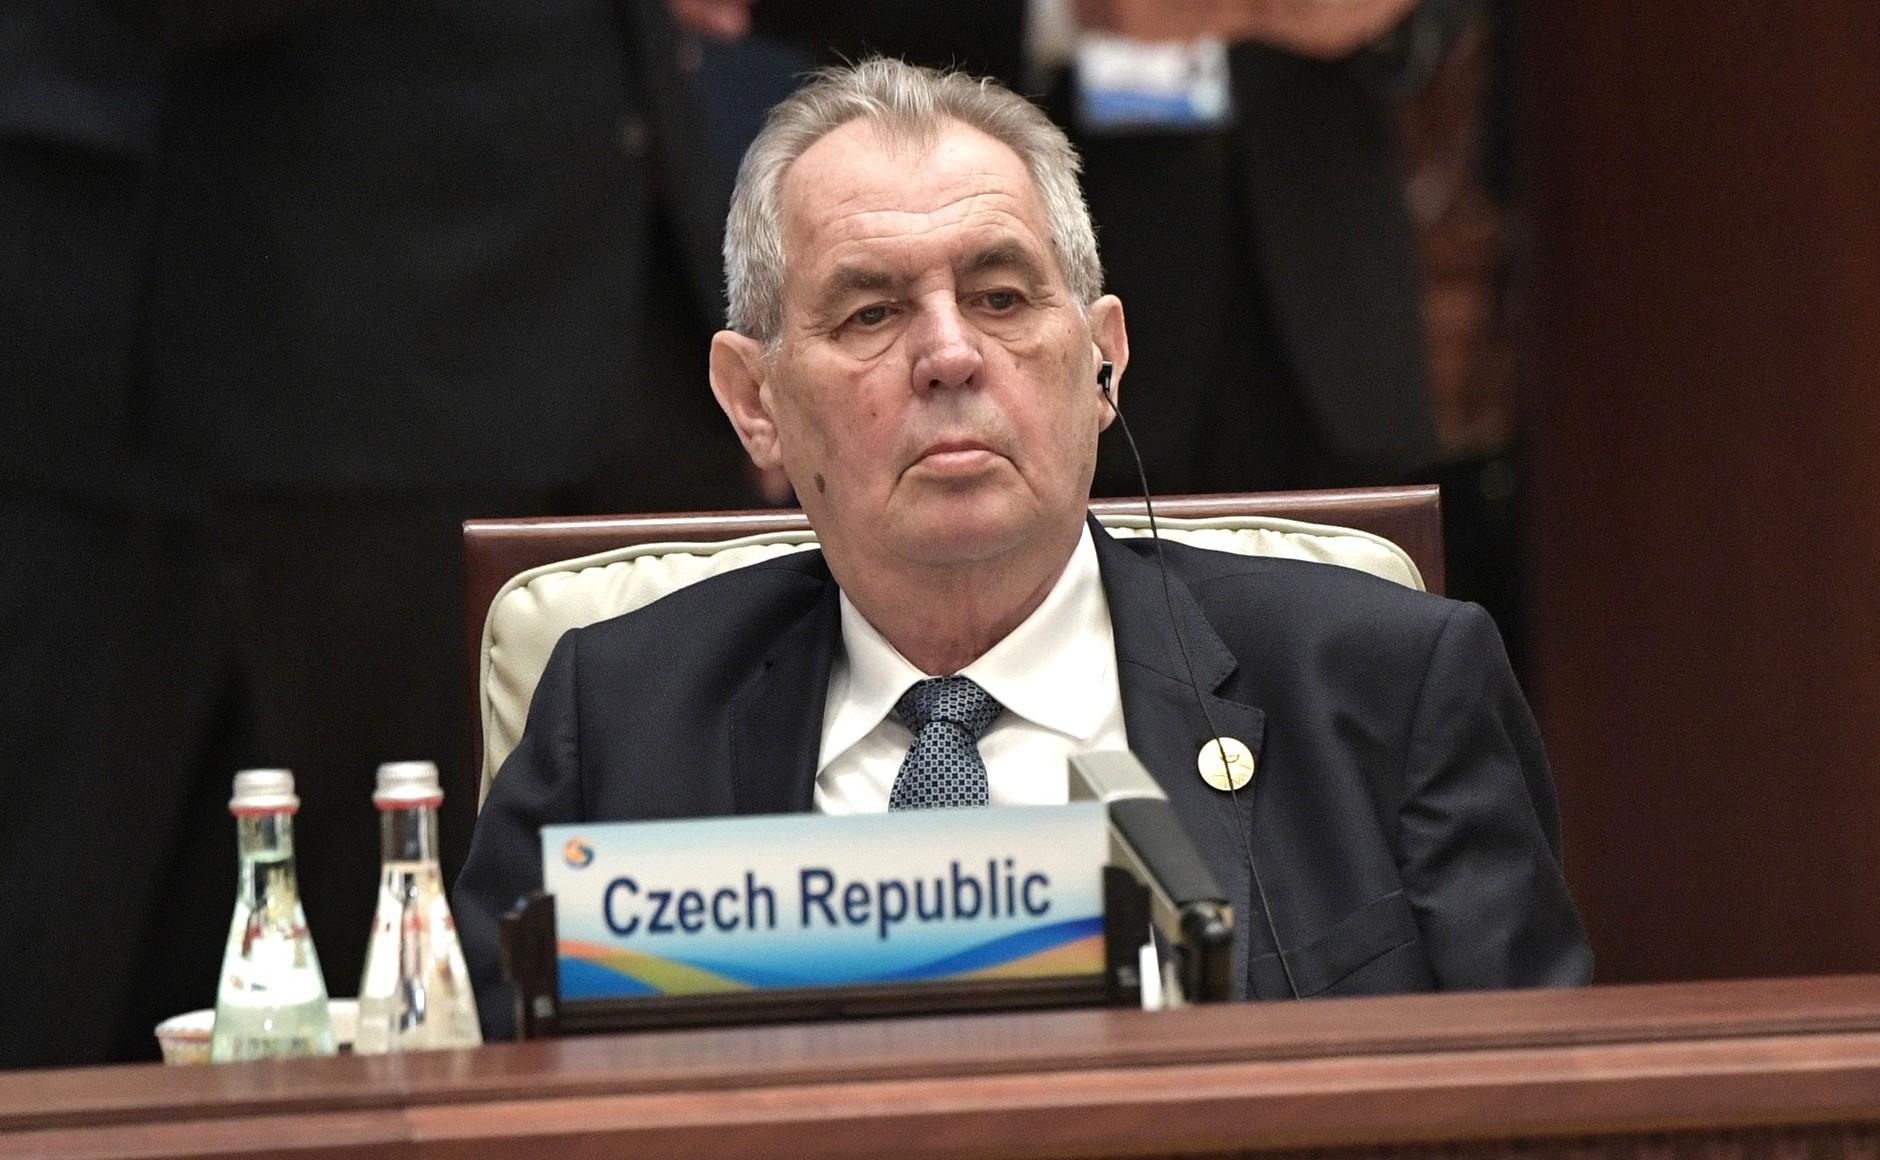 Miloš Zeman na oddziale intensywnej terapii po spotkaniu z premierem